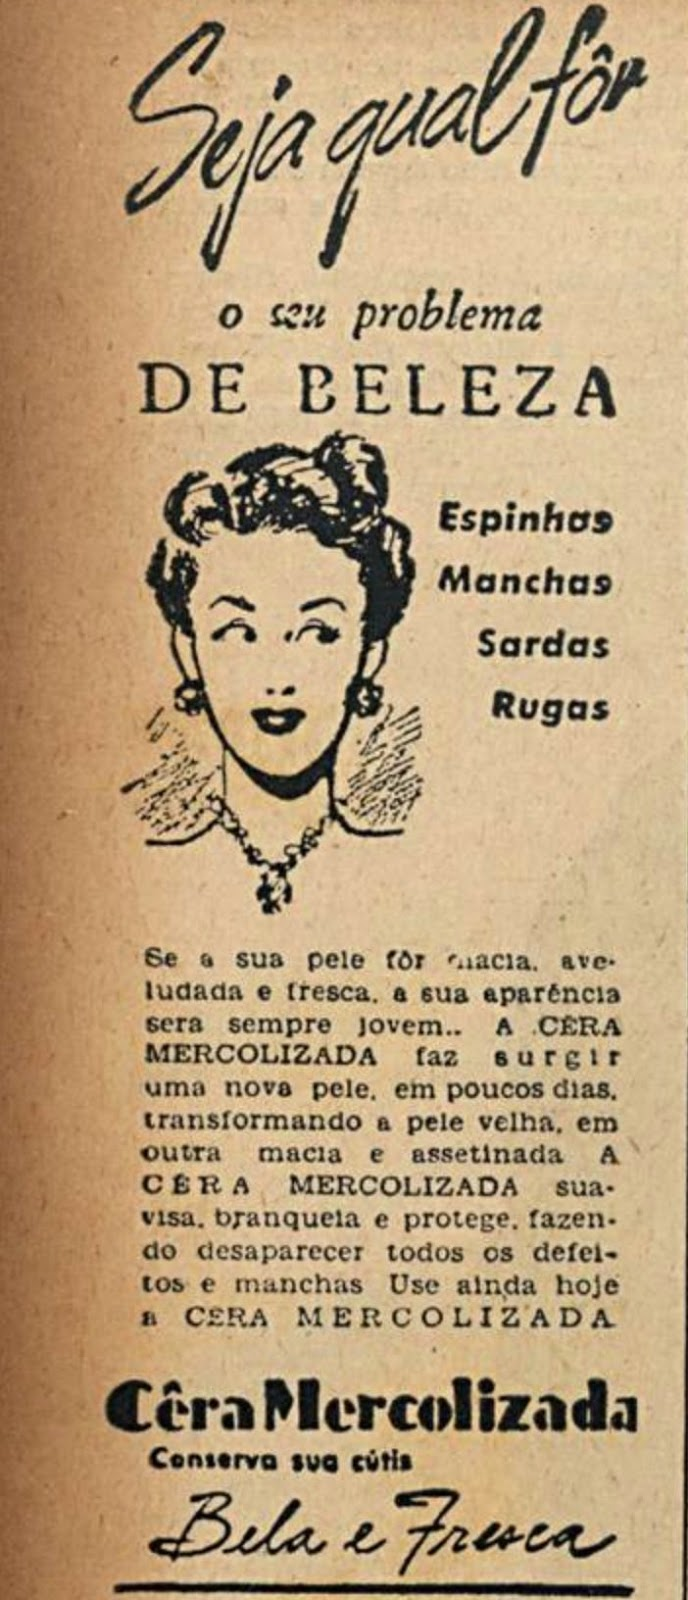 Propaganda antiga da Cera Mercolizada para tratamento da pele das mulheres